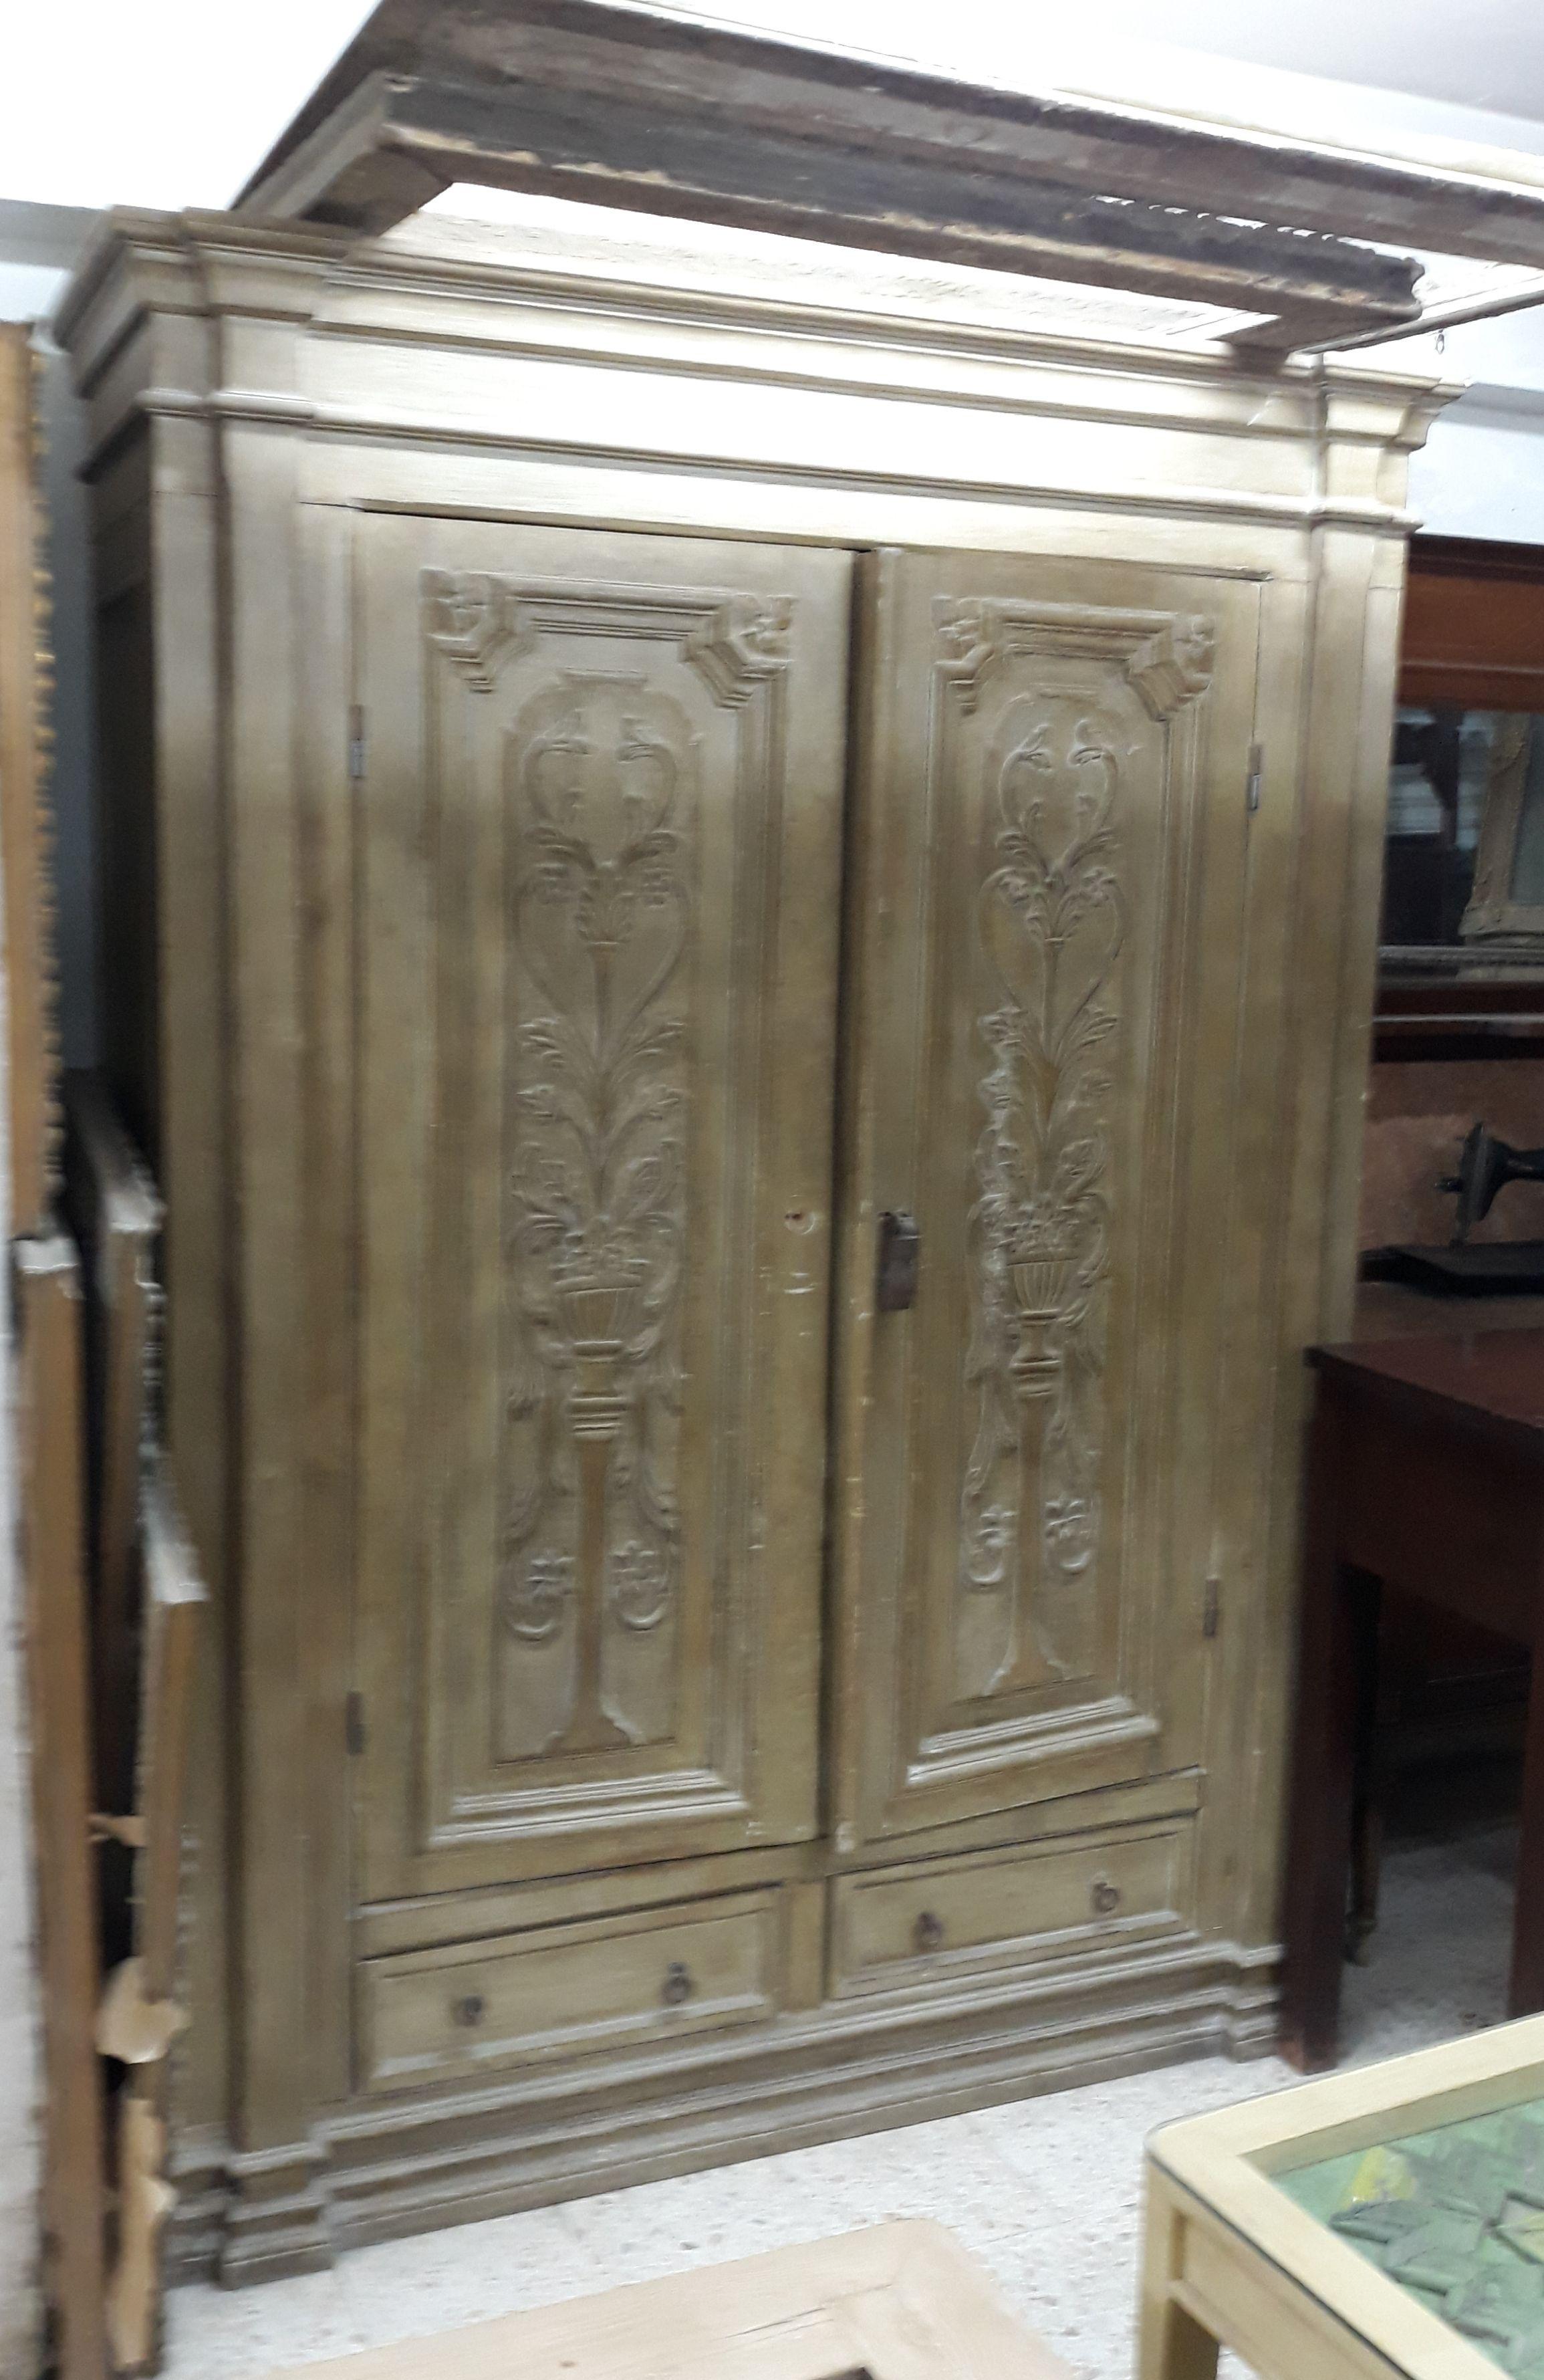 دولاب كبير باستخدام باب قديم Big Cabinet Using An Old Door Decor Furniture Home Decor